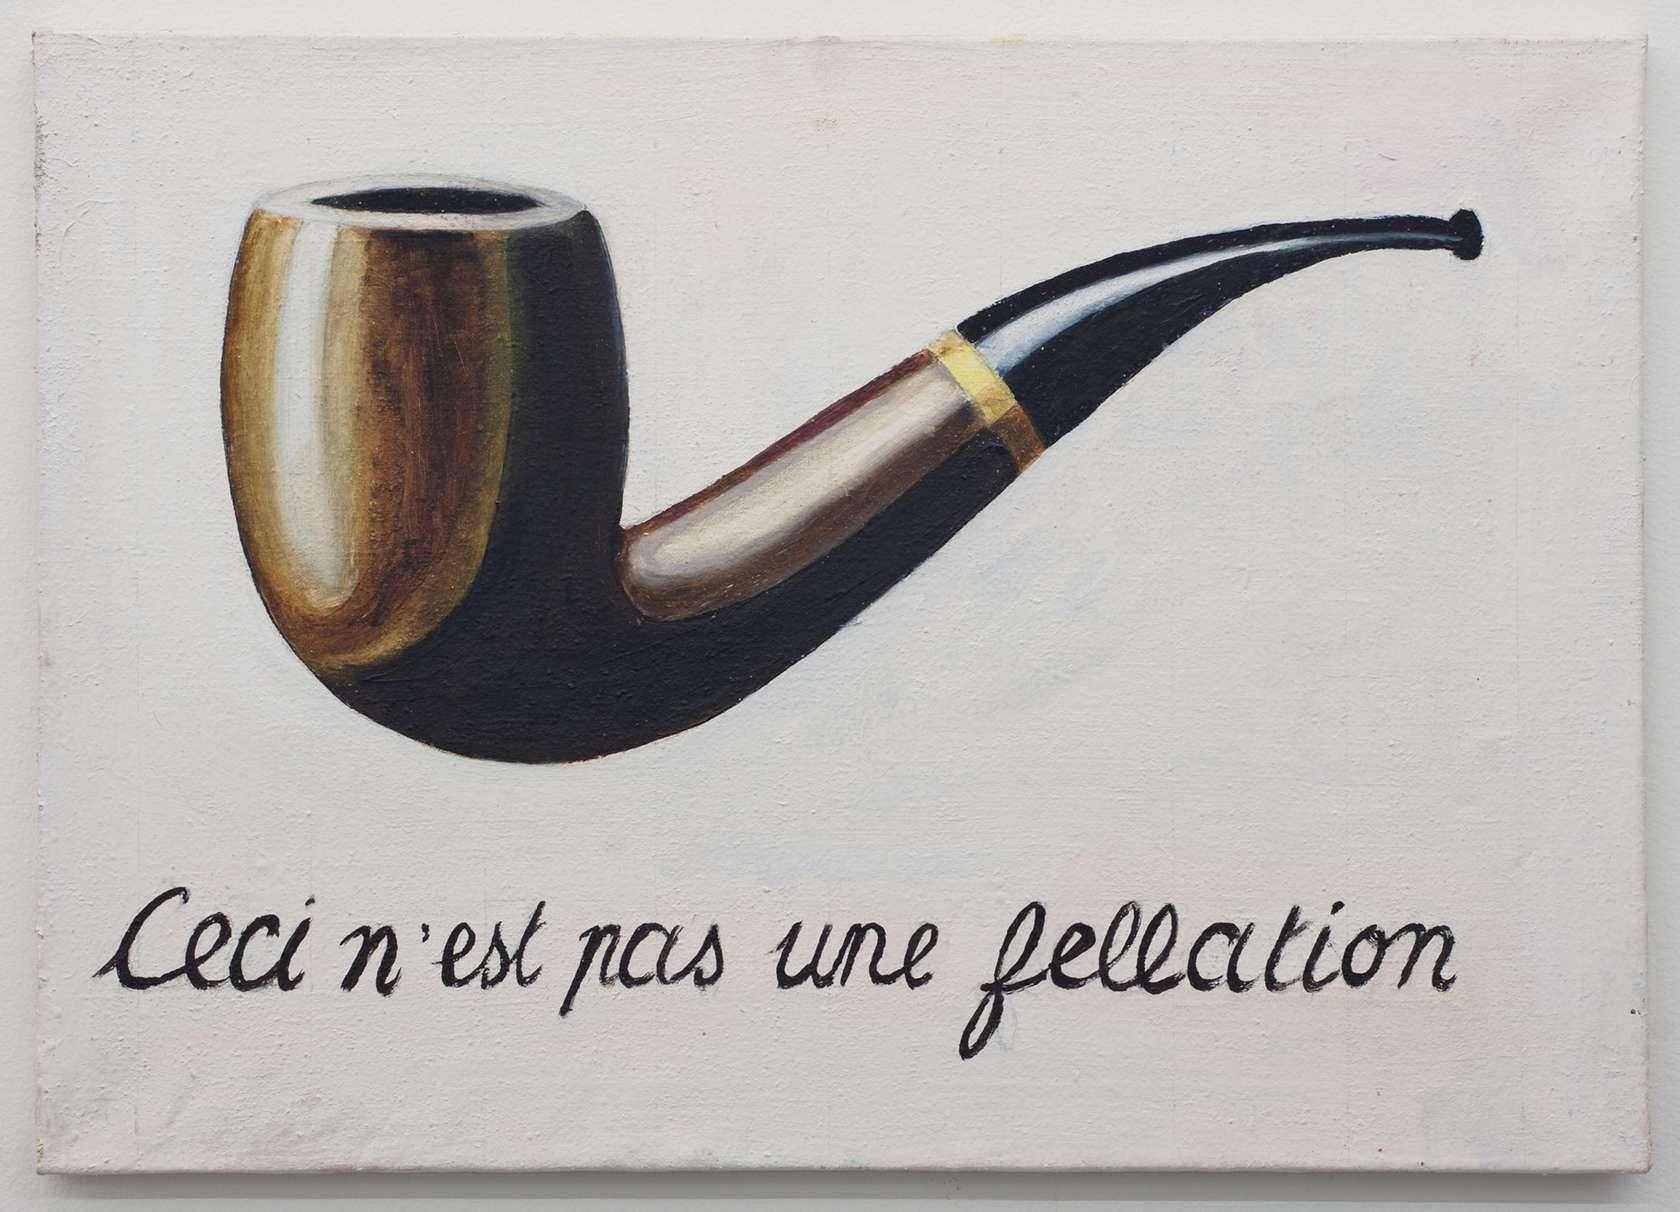 Présence Panchounette, Ceci n'est pas une fellation, 1979 Acrylique sur toile46 × 65 cm / 18 1/8 × 25 5/8 in.